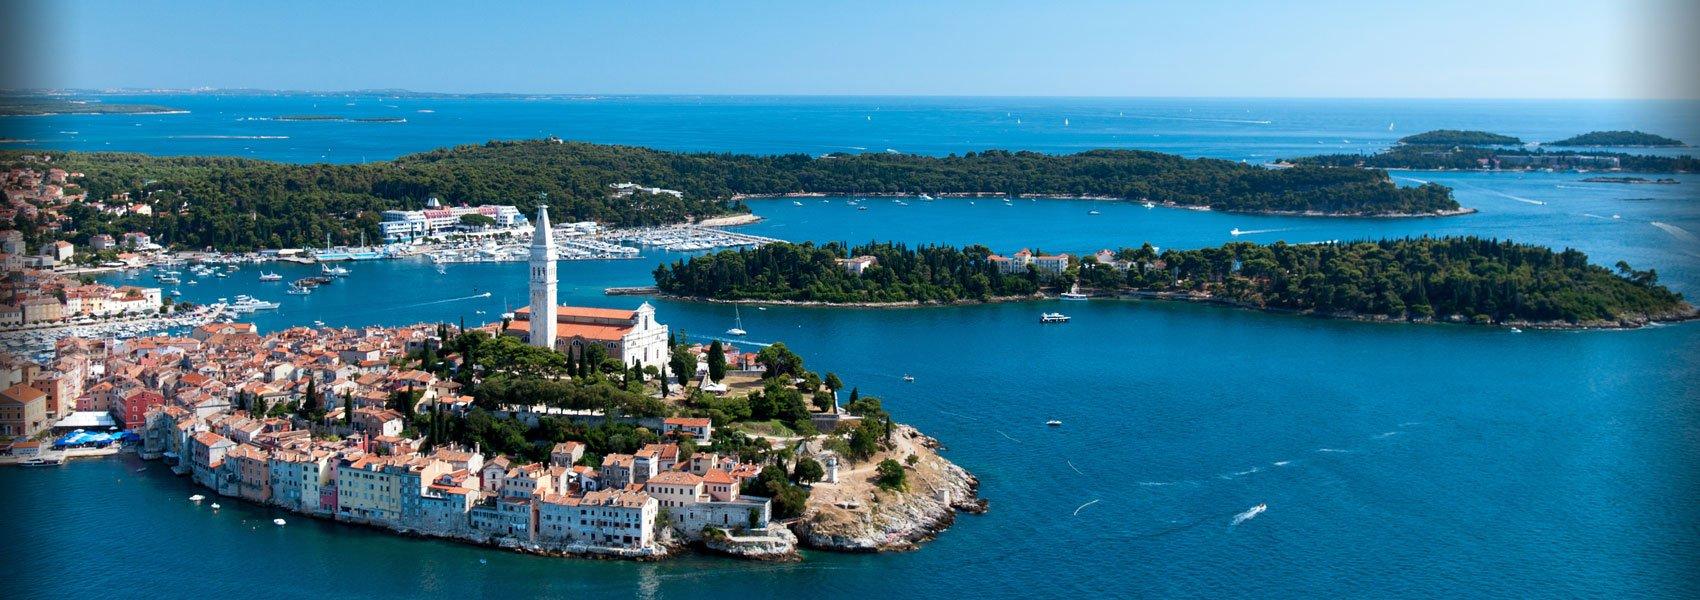 Rovigno croazia guida turistica for Alberghi rovigno croazia